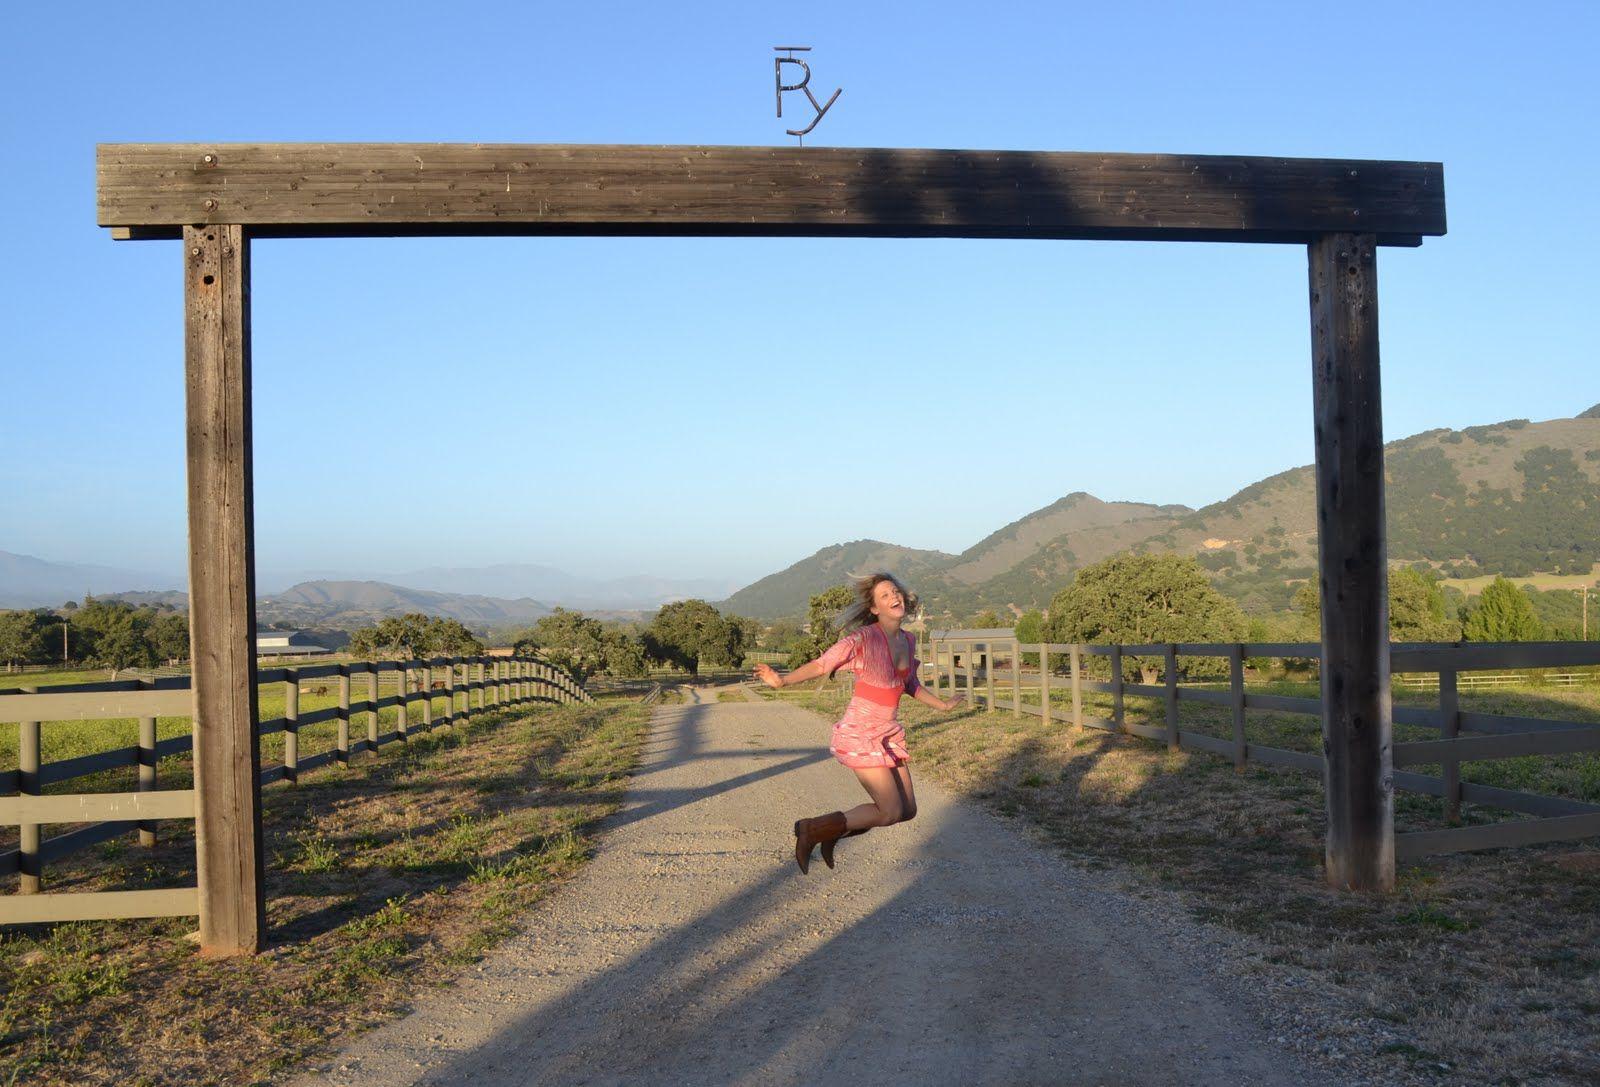 Wood Ranch Entrance Sr Super Simple But